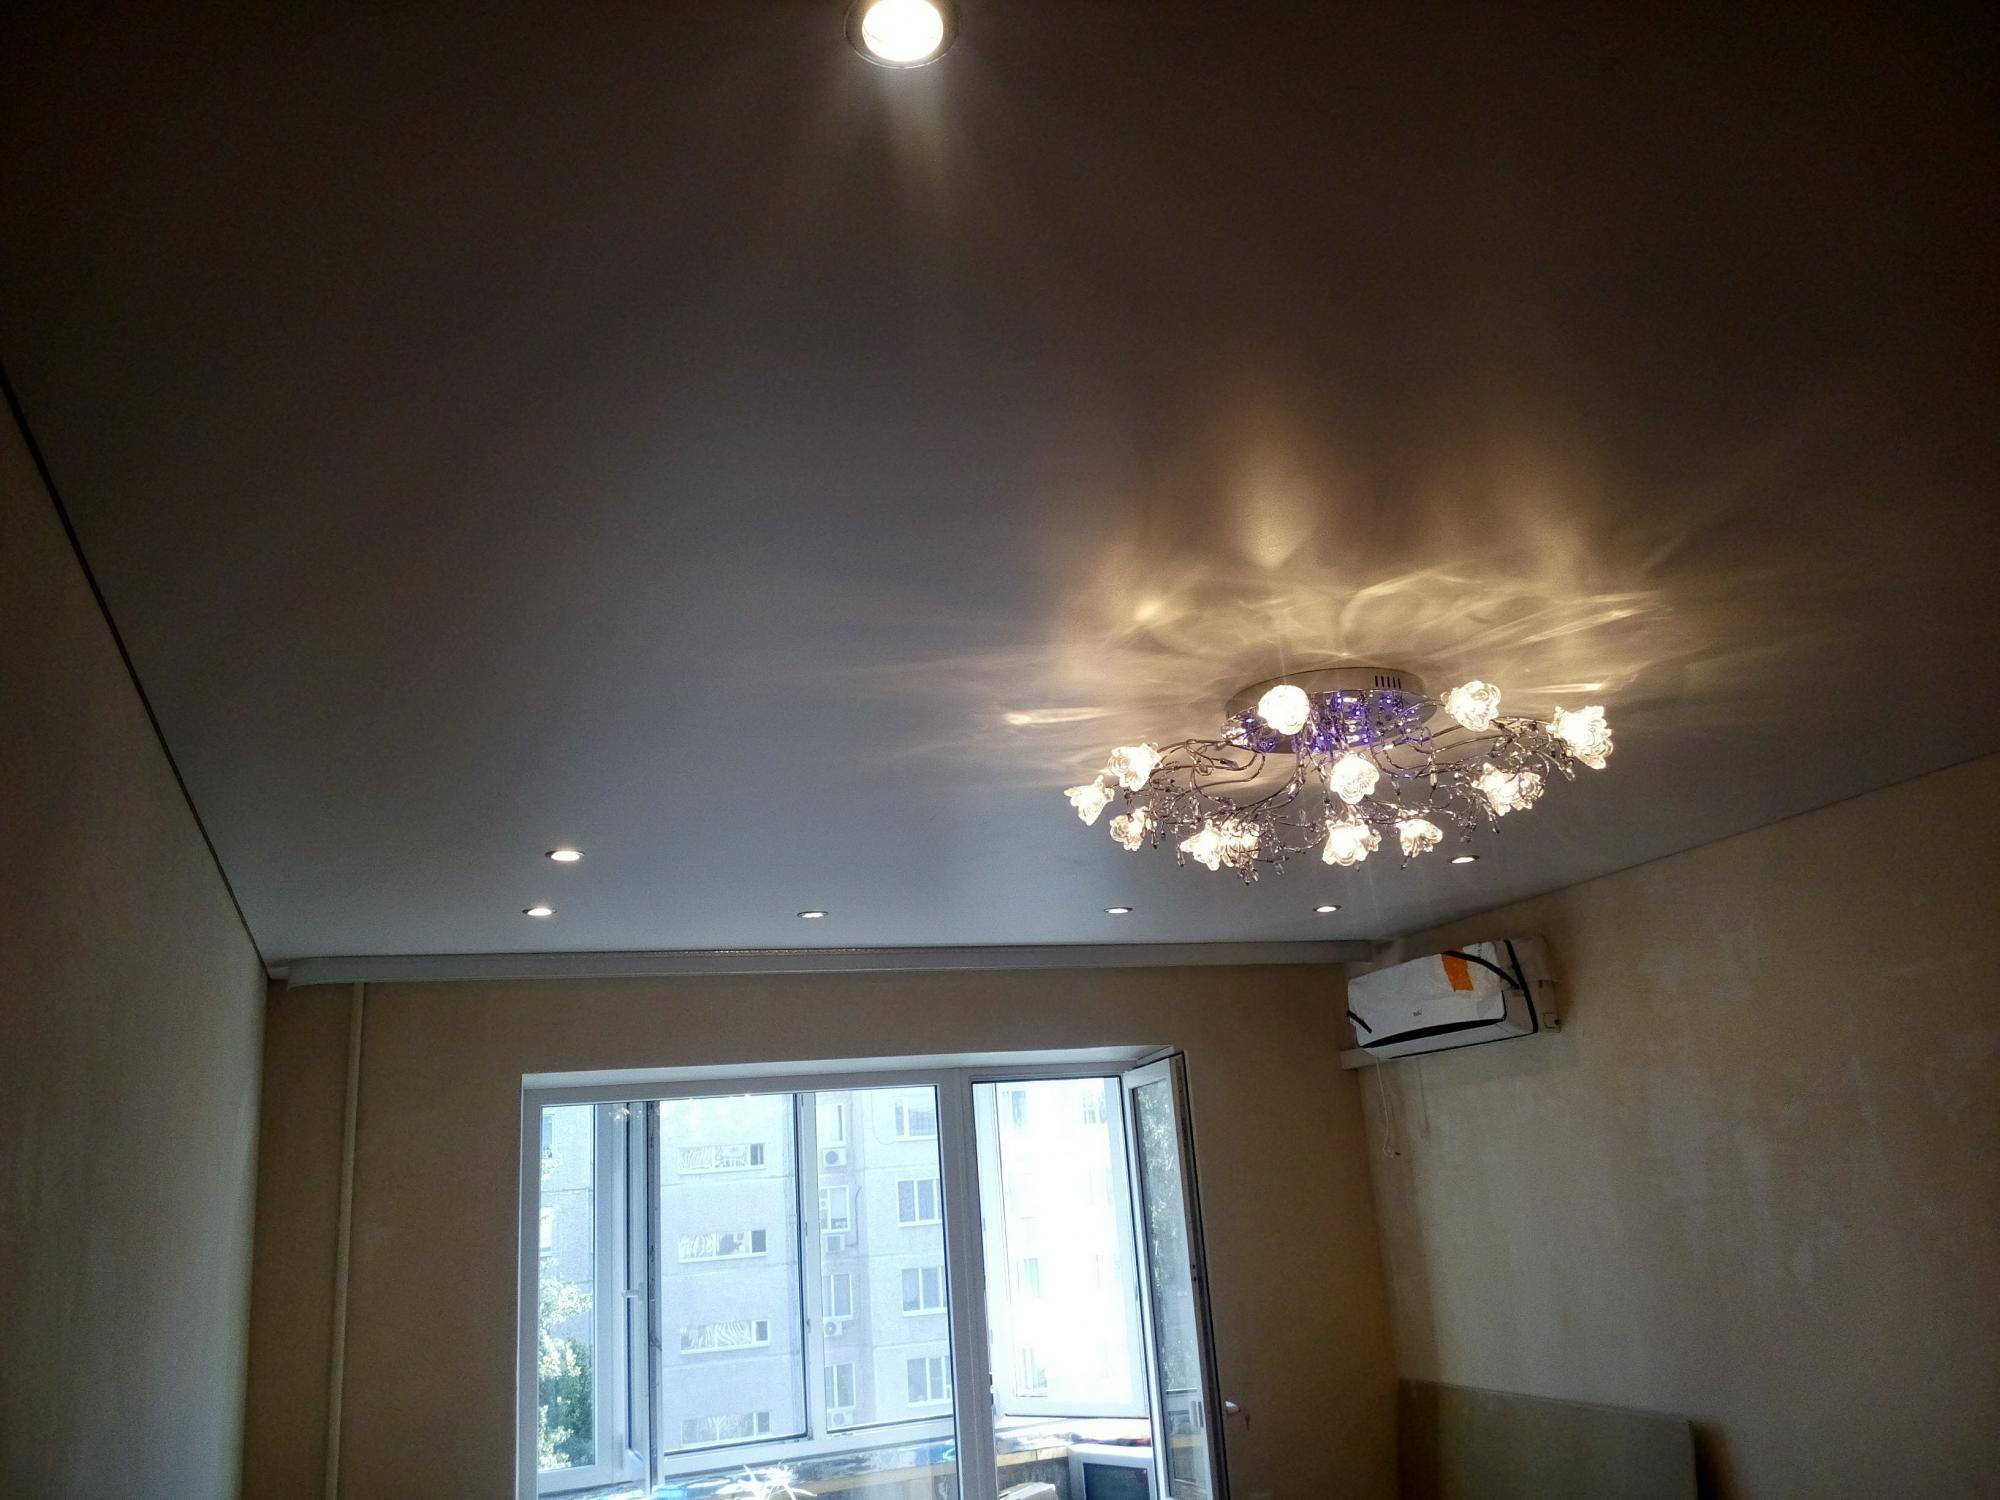 лысая светильники экола фото на потолке ксении сбросили колодец